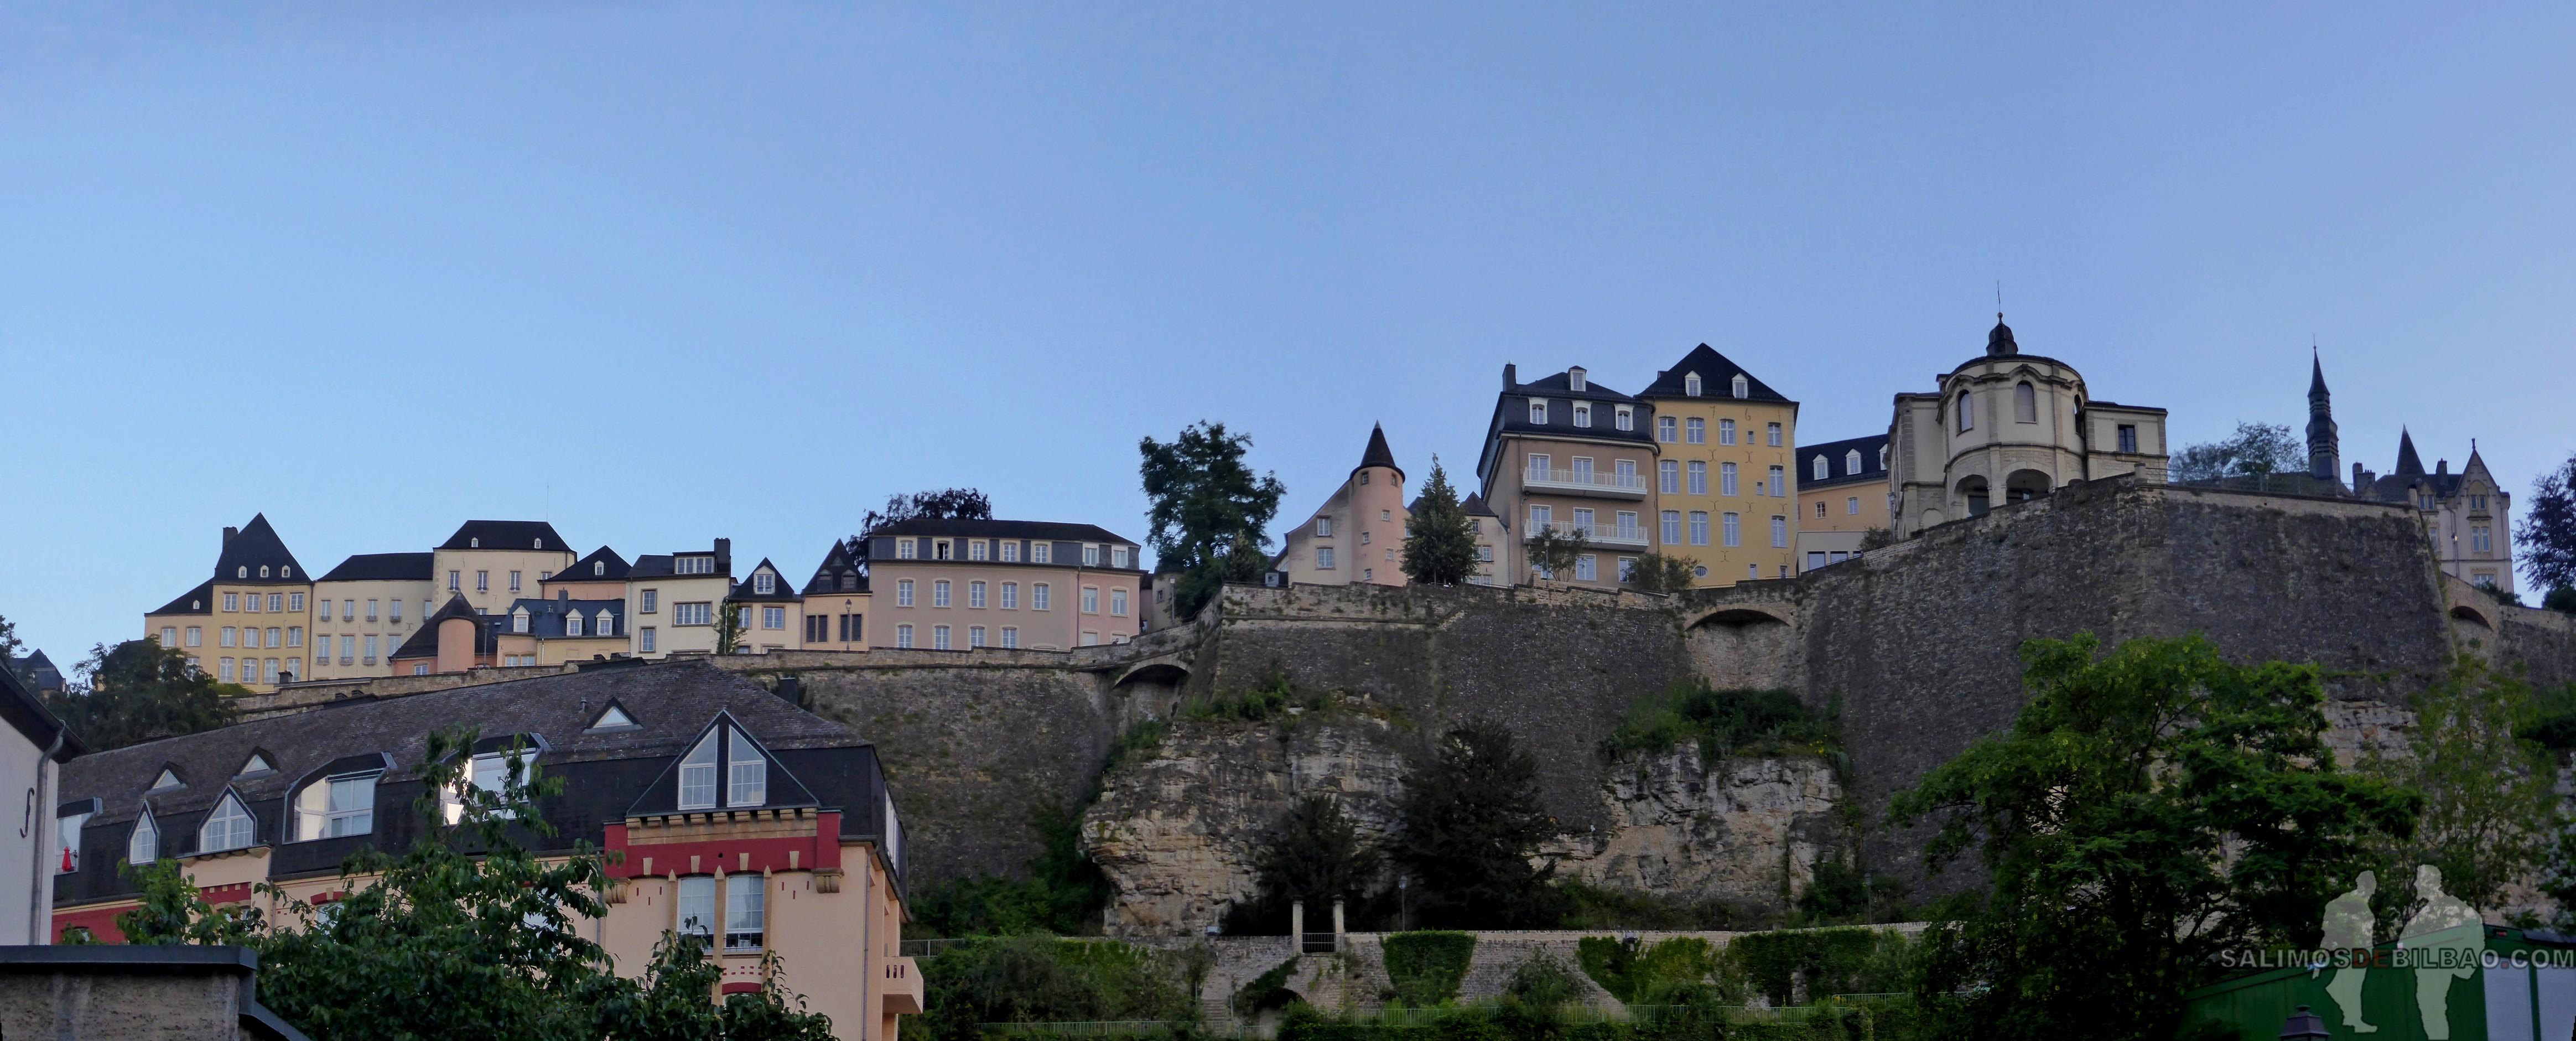 032. Pano, Muralla y Barrio Alto desde el Barrio Bajo, Luxemburgo